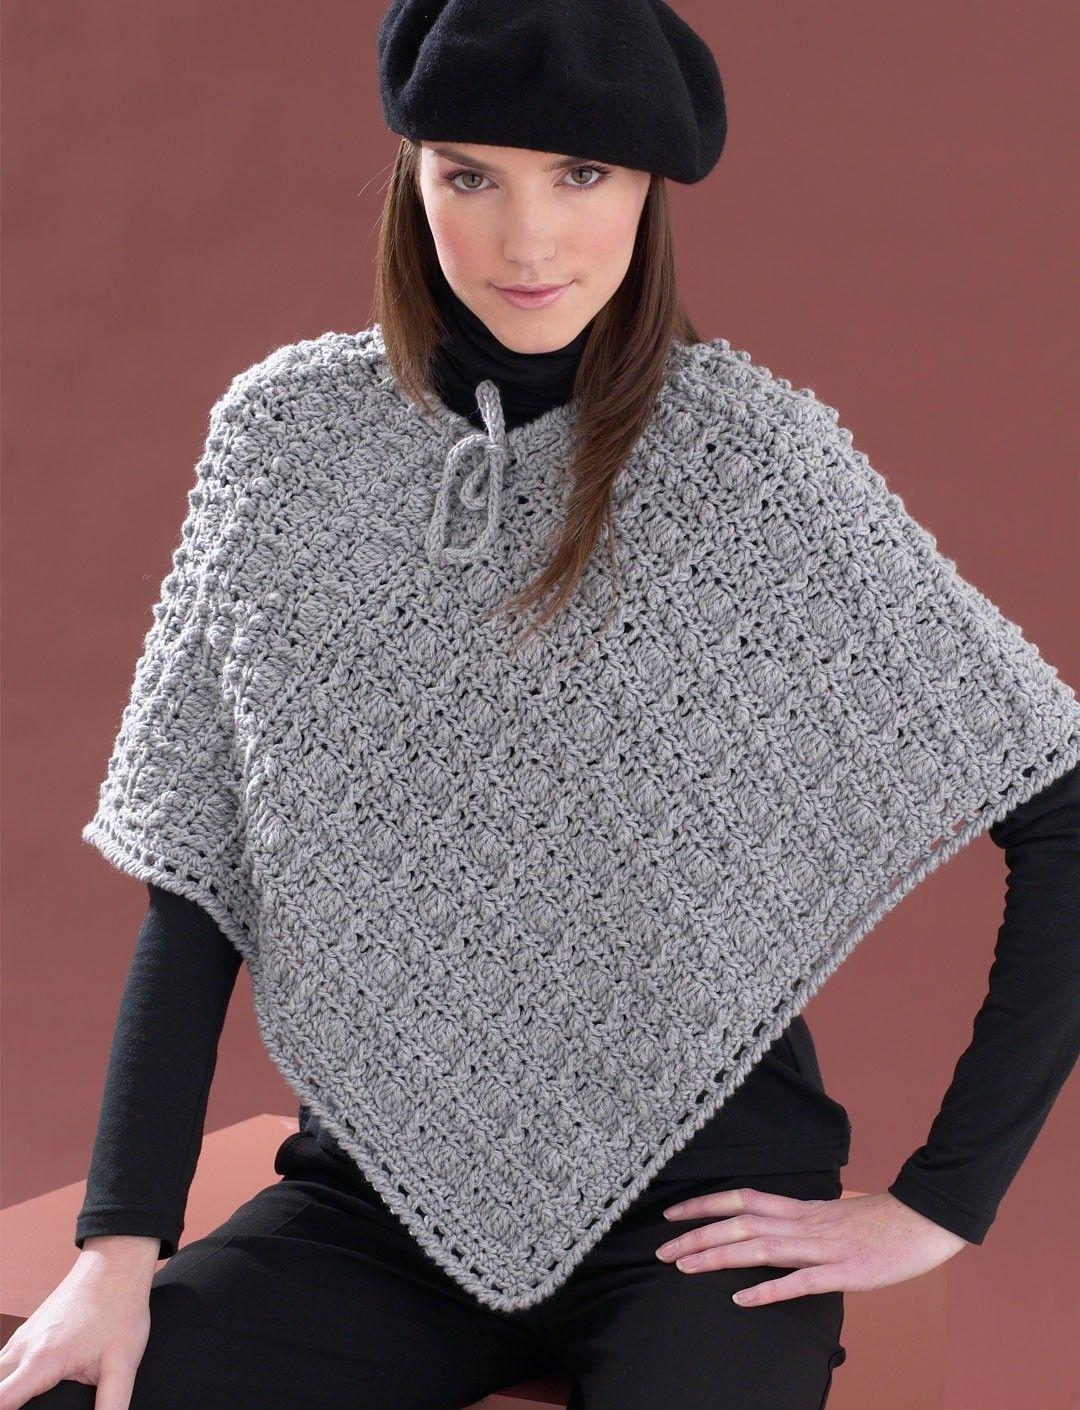 Poncho con patrón de ganchillo gratis - Poncho. Free Crochet Pattern ...